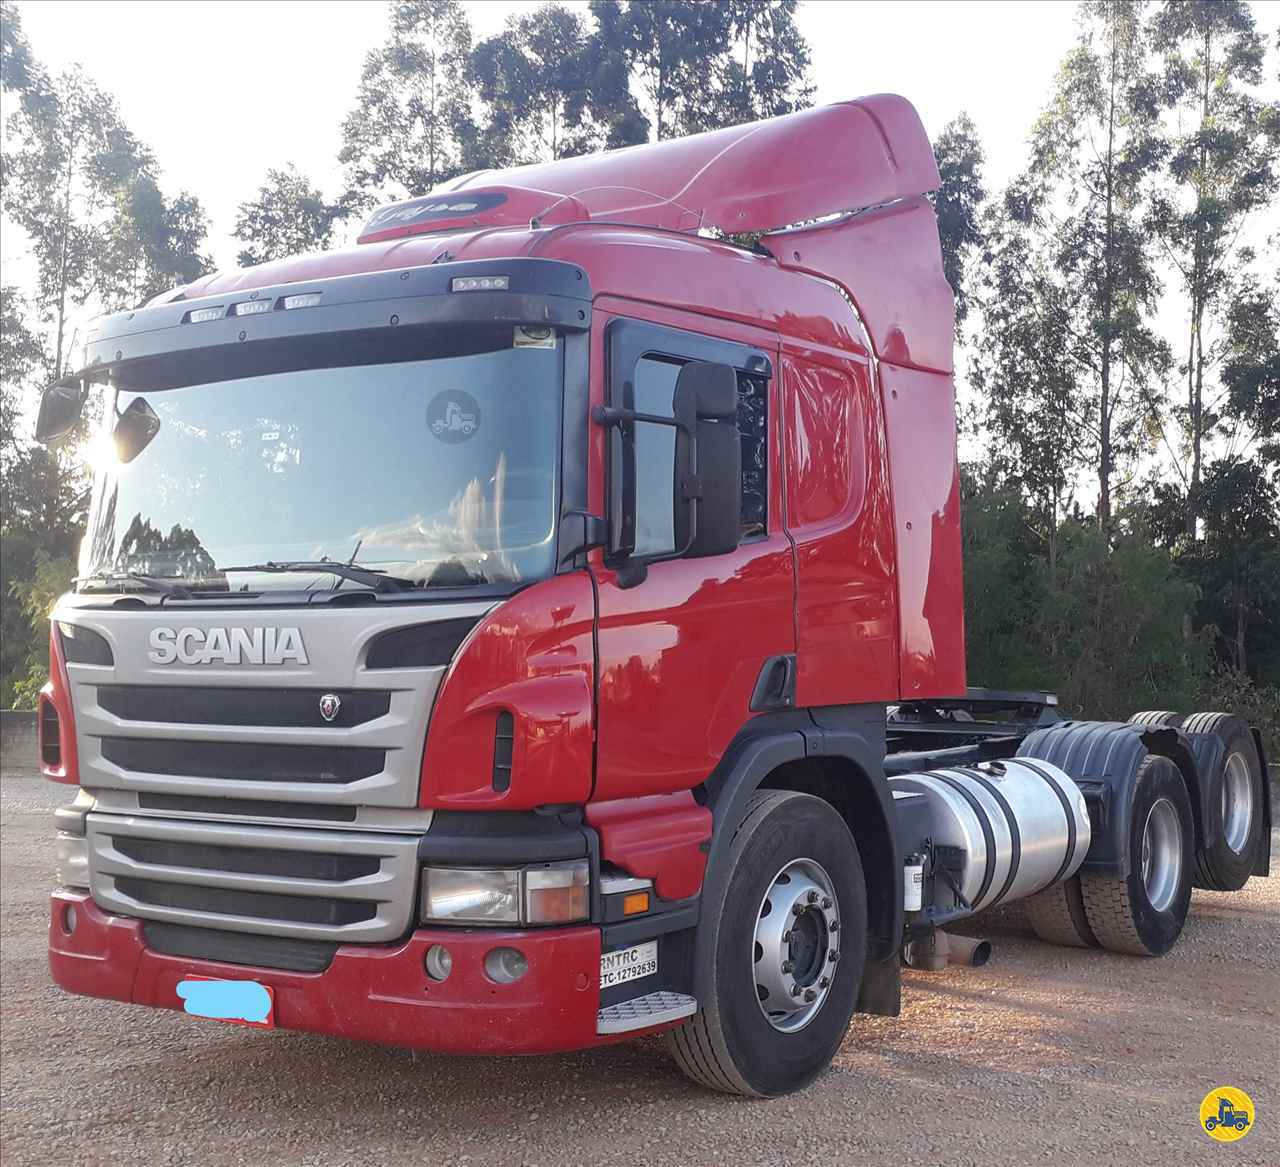 CAMINHAO SCANIA SCANIA P360 Cavalo Mecânico Truck 6x2 Agua Clara Caminhões ITAPEVA SÃO PAULO SP